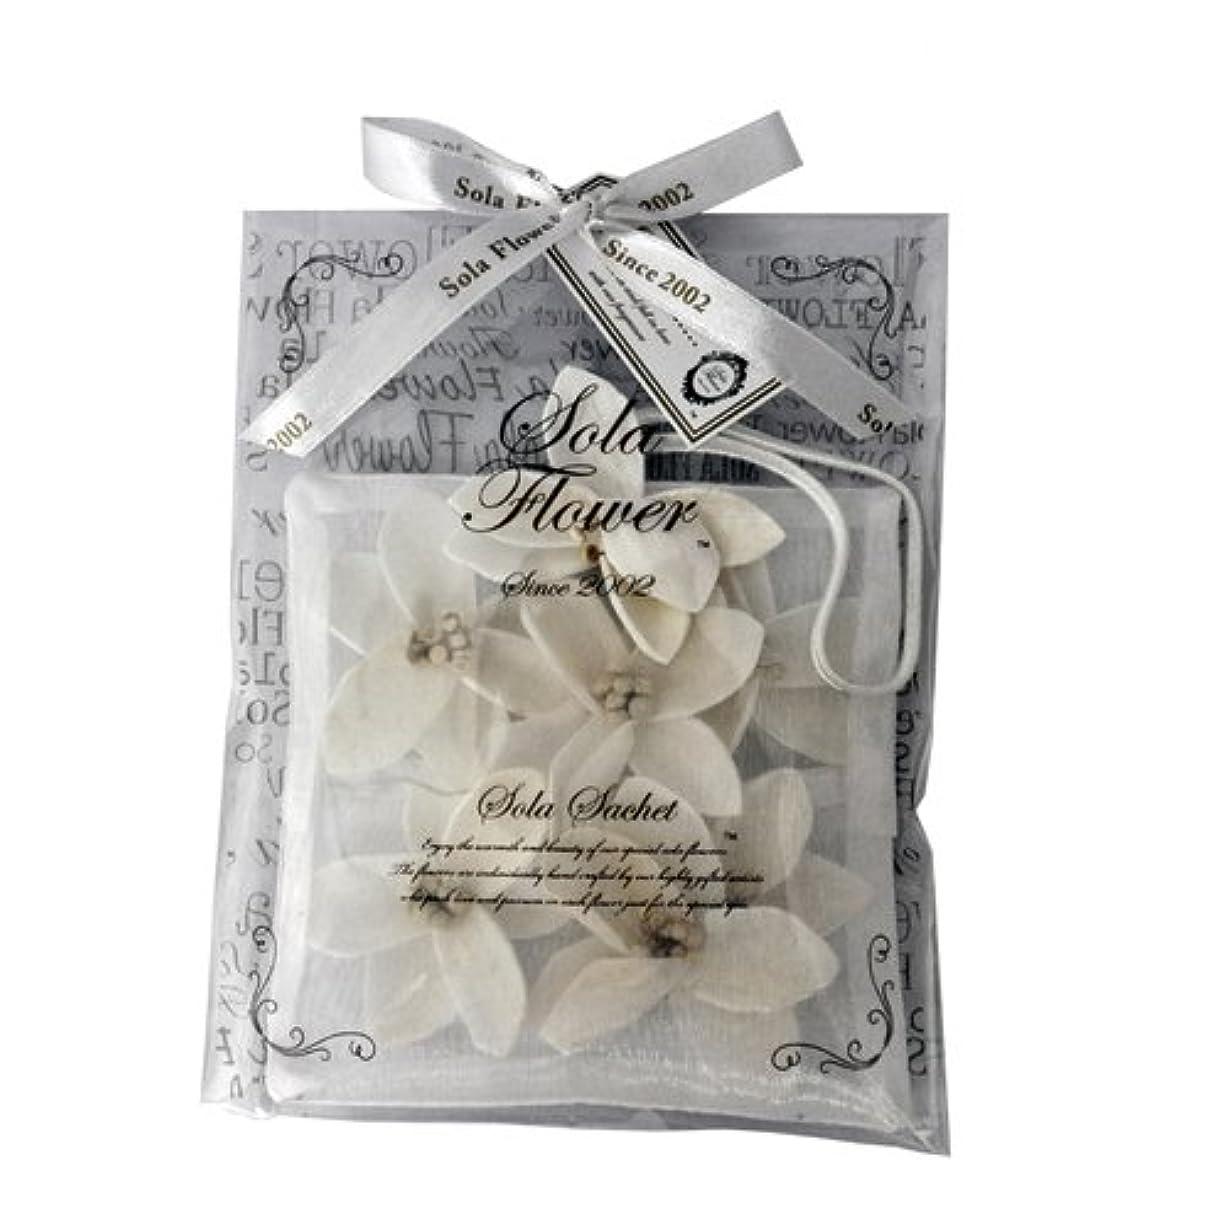 外国人直面する専らnew Sola Flower ソラフラワー サシェ Original Rose オリジナルローズ オーガンジーパッケージ Sachet